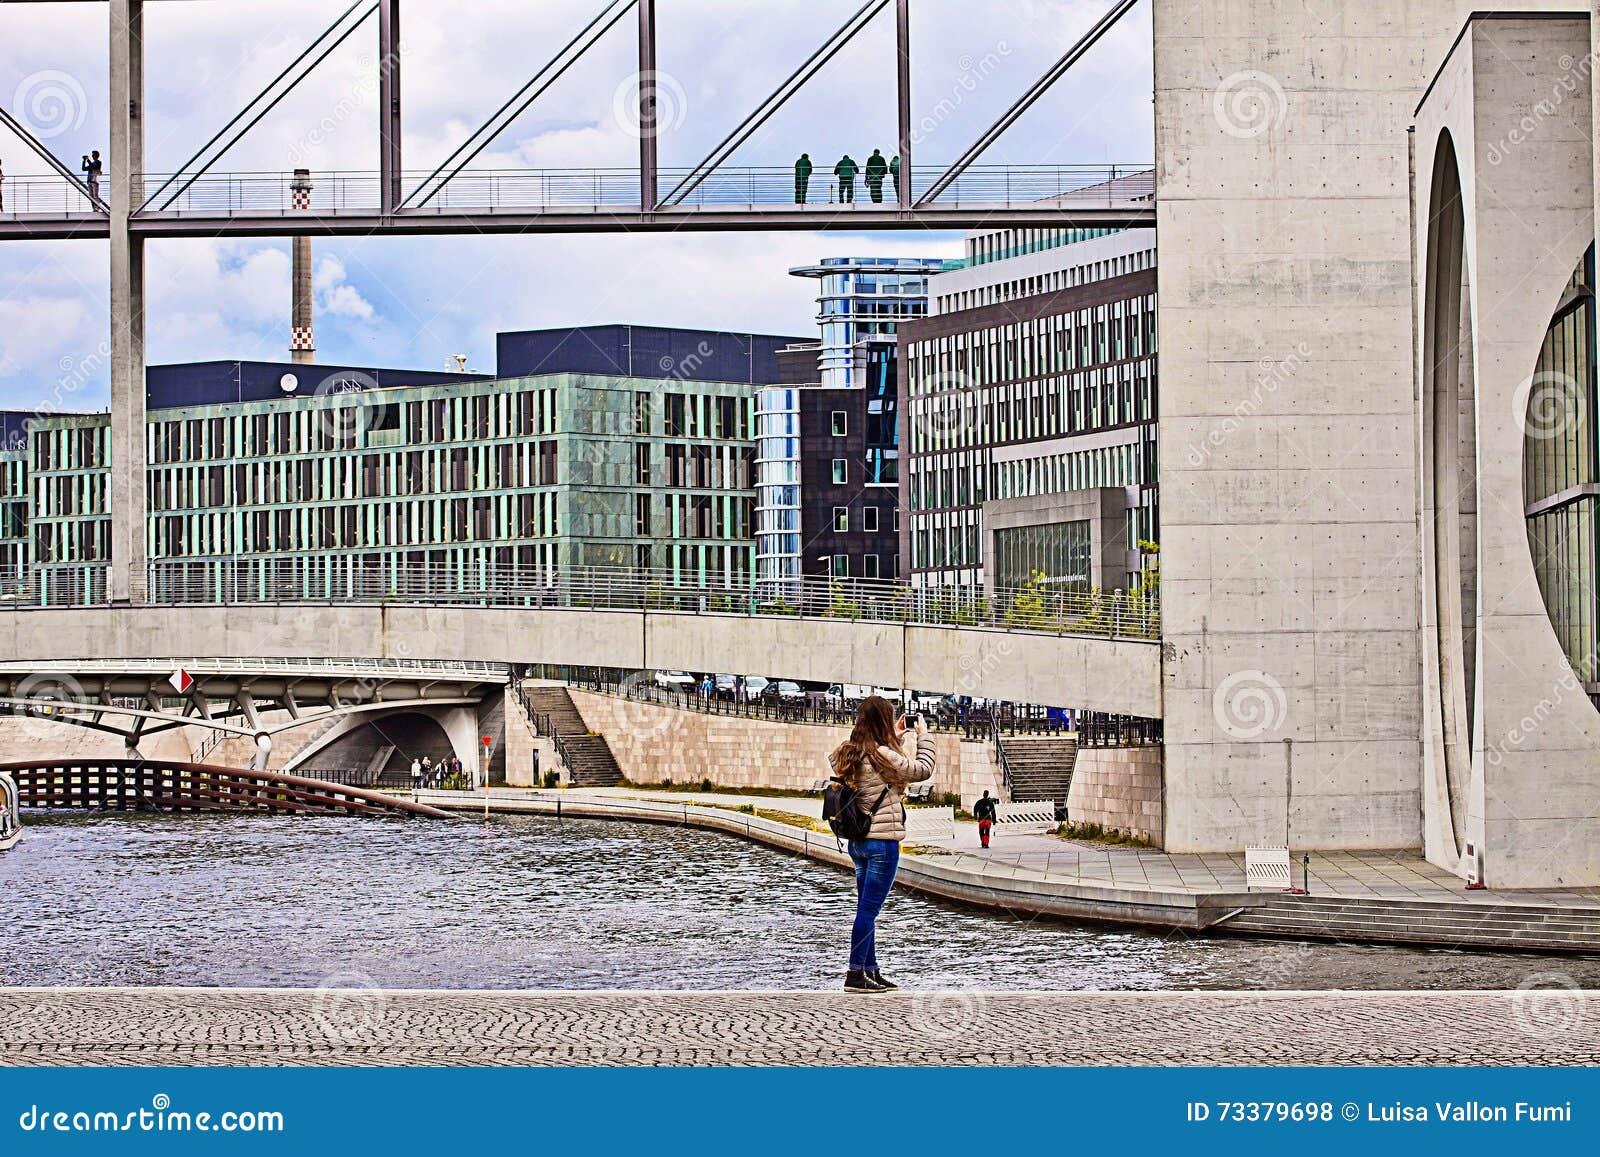 Berlin Moderne Architektur Regierungsgebaude Auf Dem Gelage